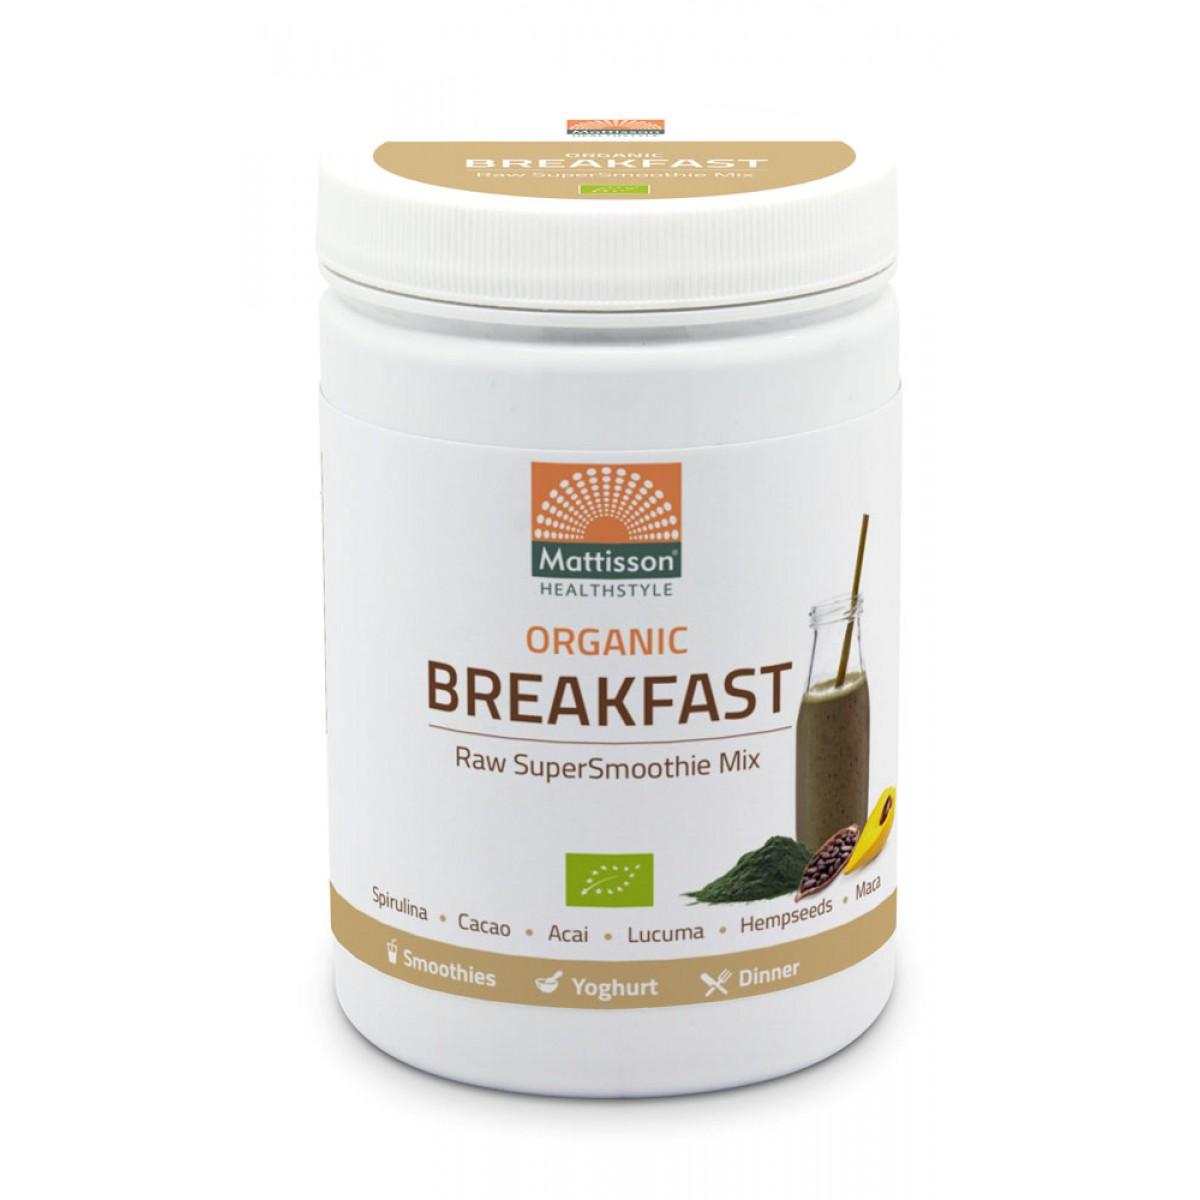 Super Smoothie Raw Breakfast Mix